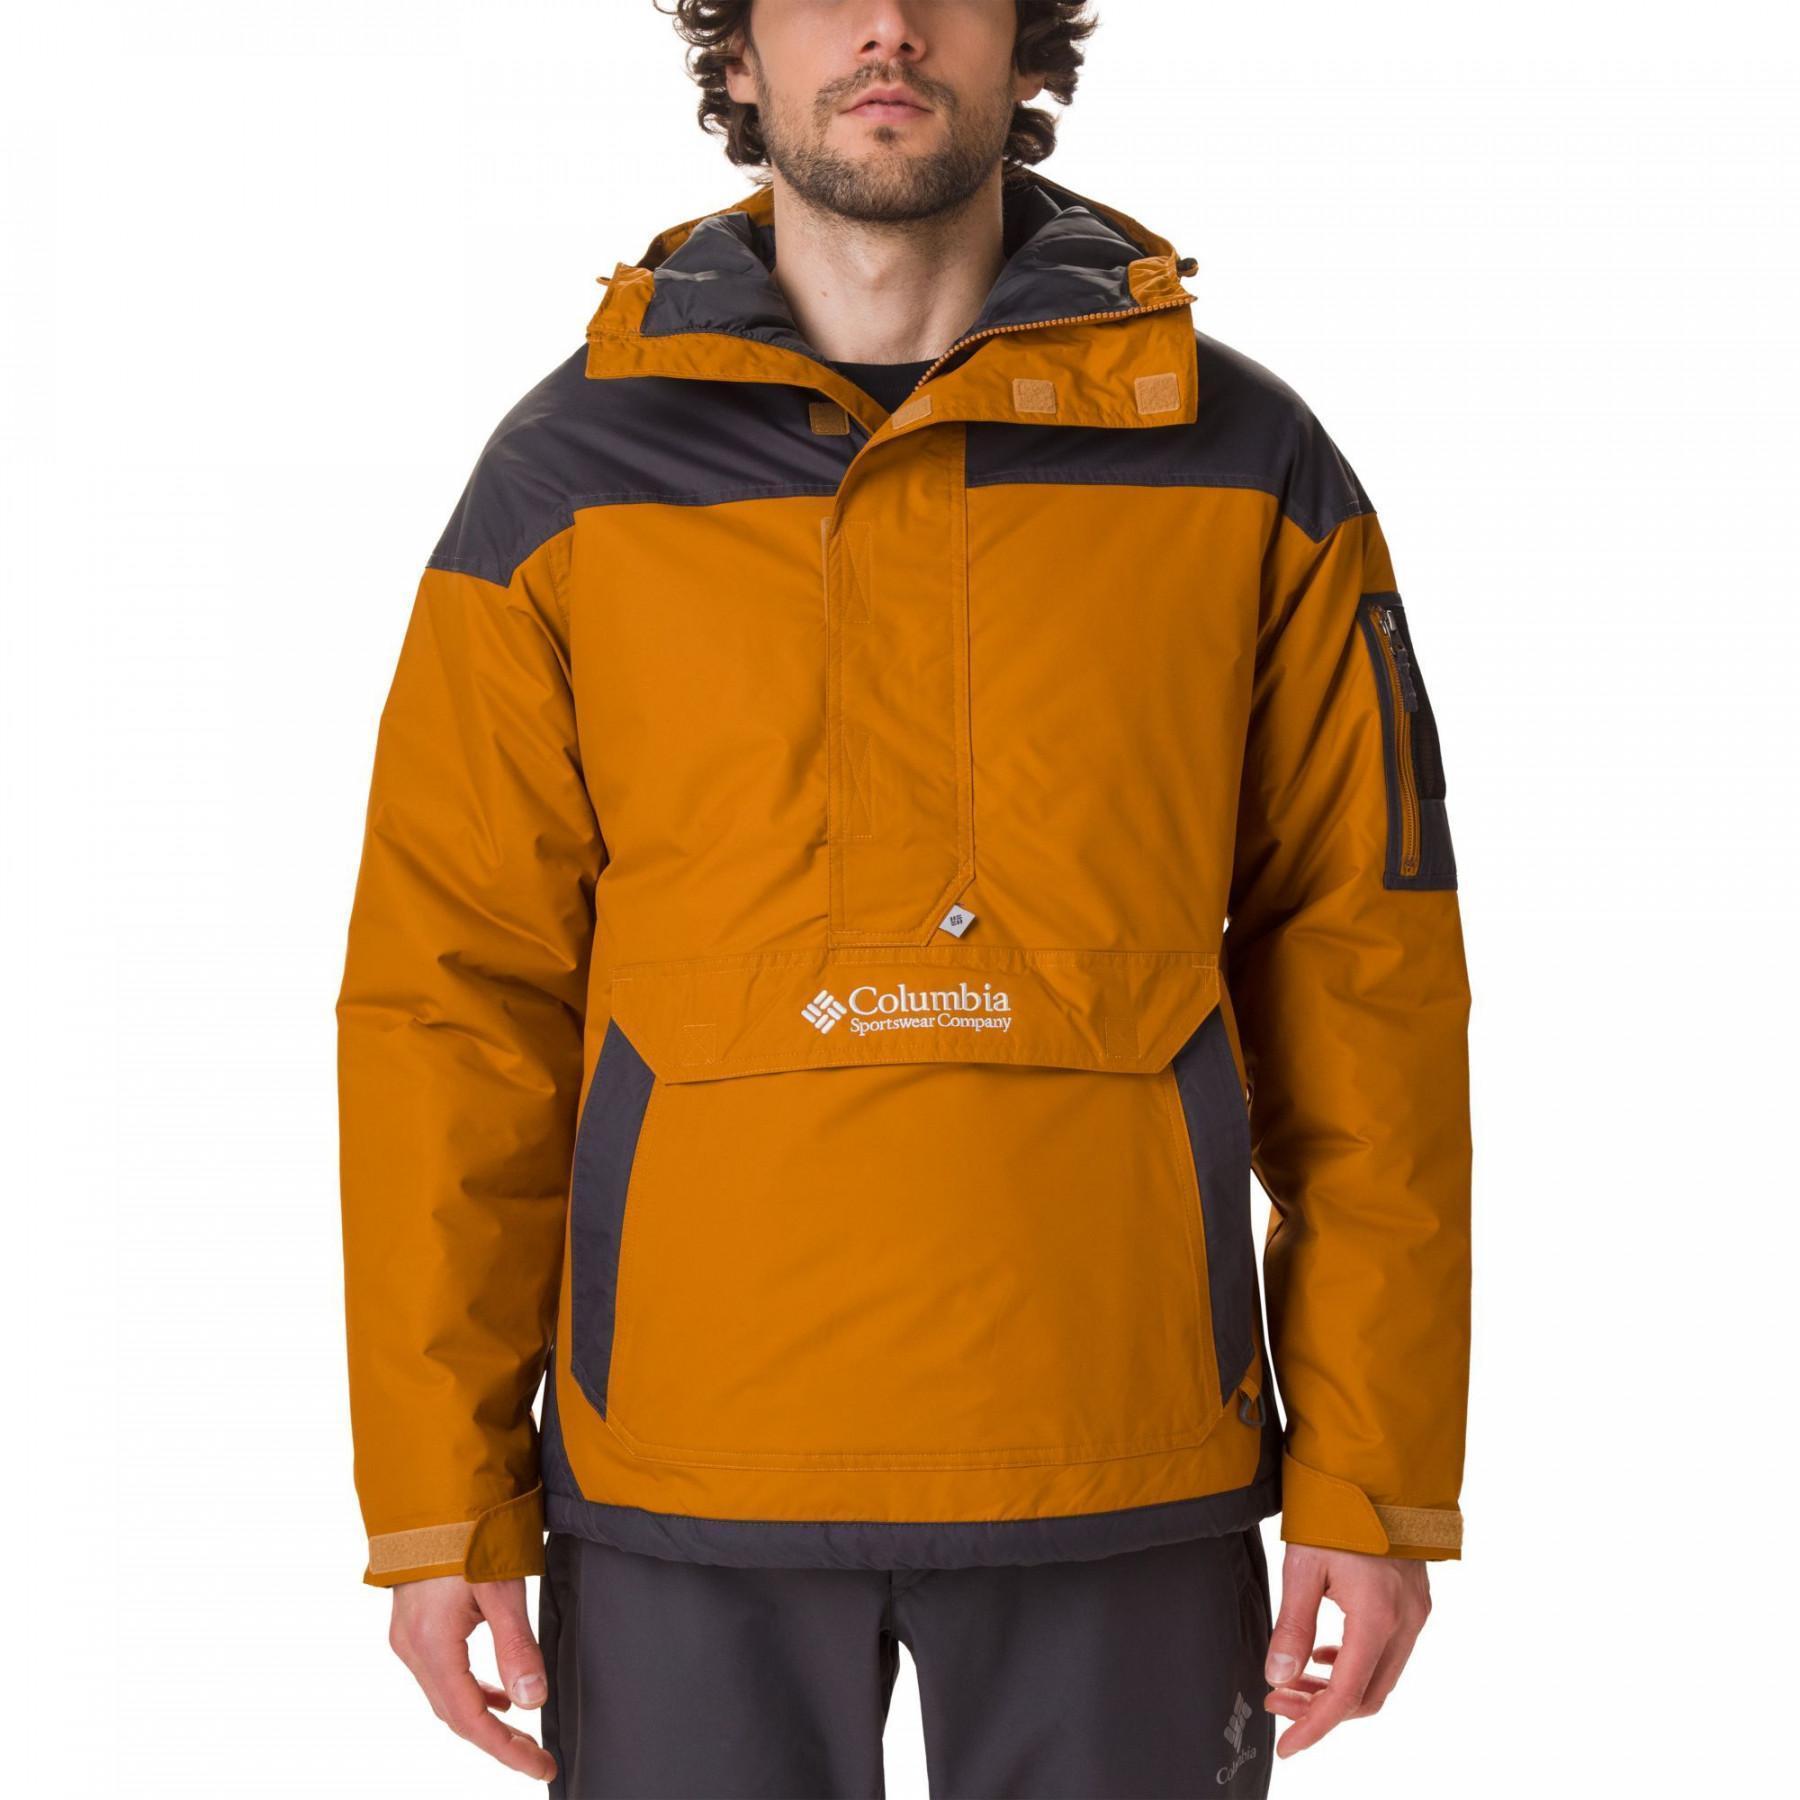 Columbia Challenger 1/2 zip sweatshirt